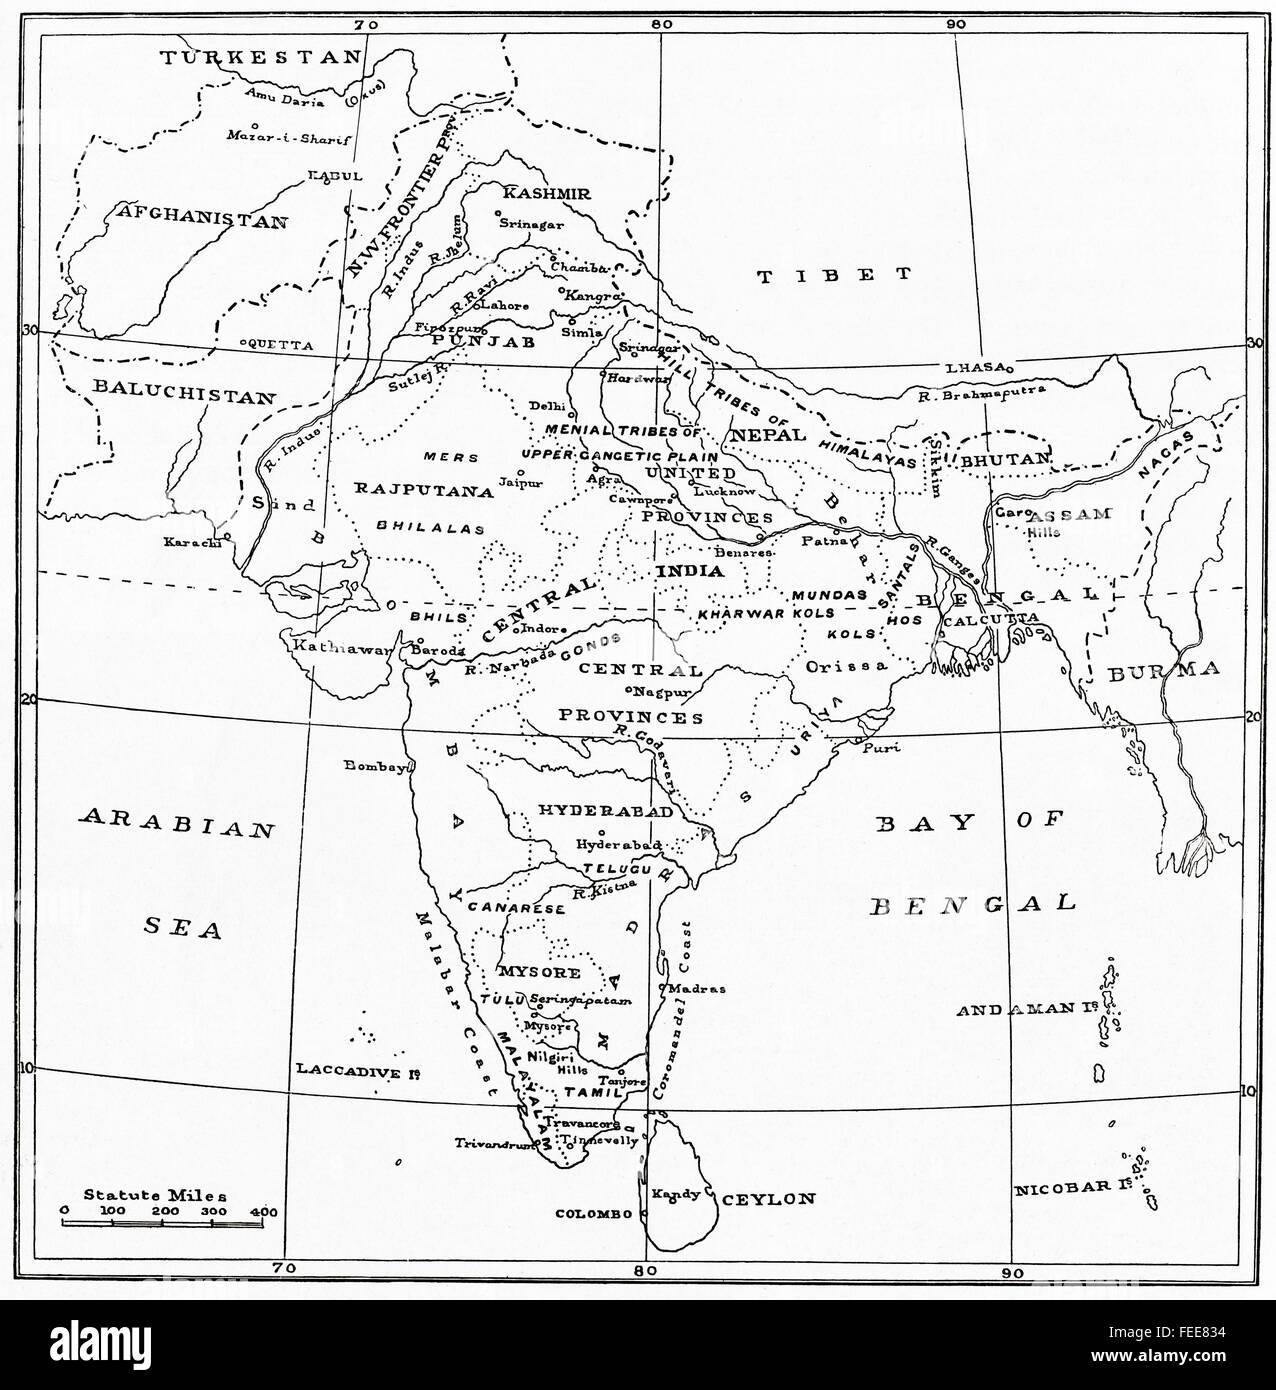 Una mappa dell'India all'inizio del XX secolo. Immagini Stock